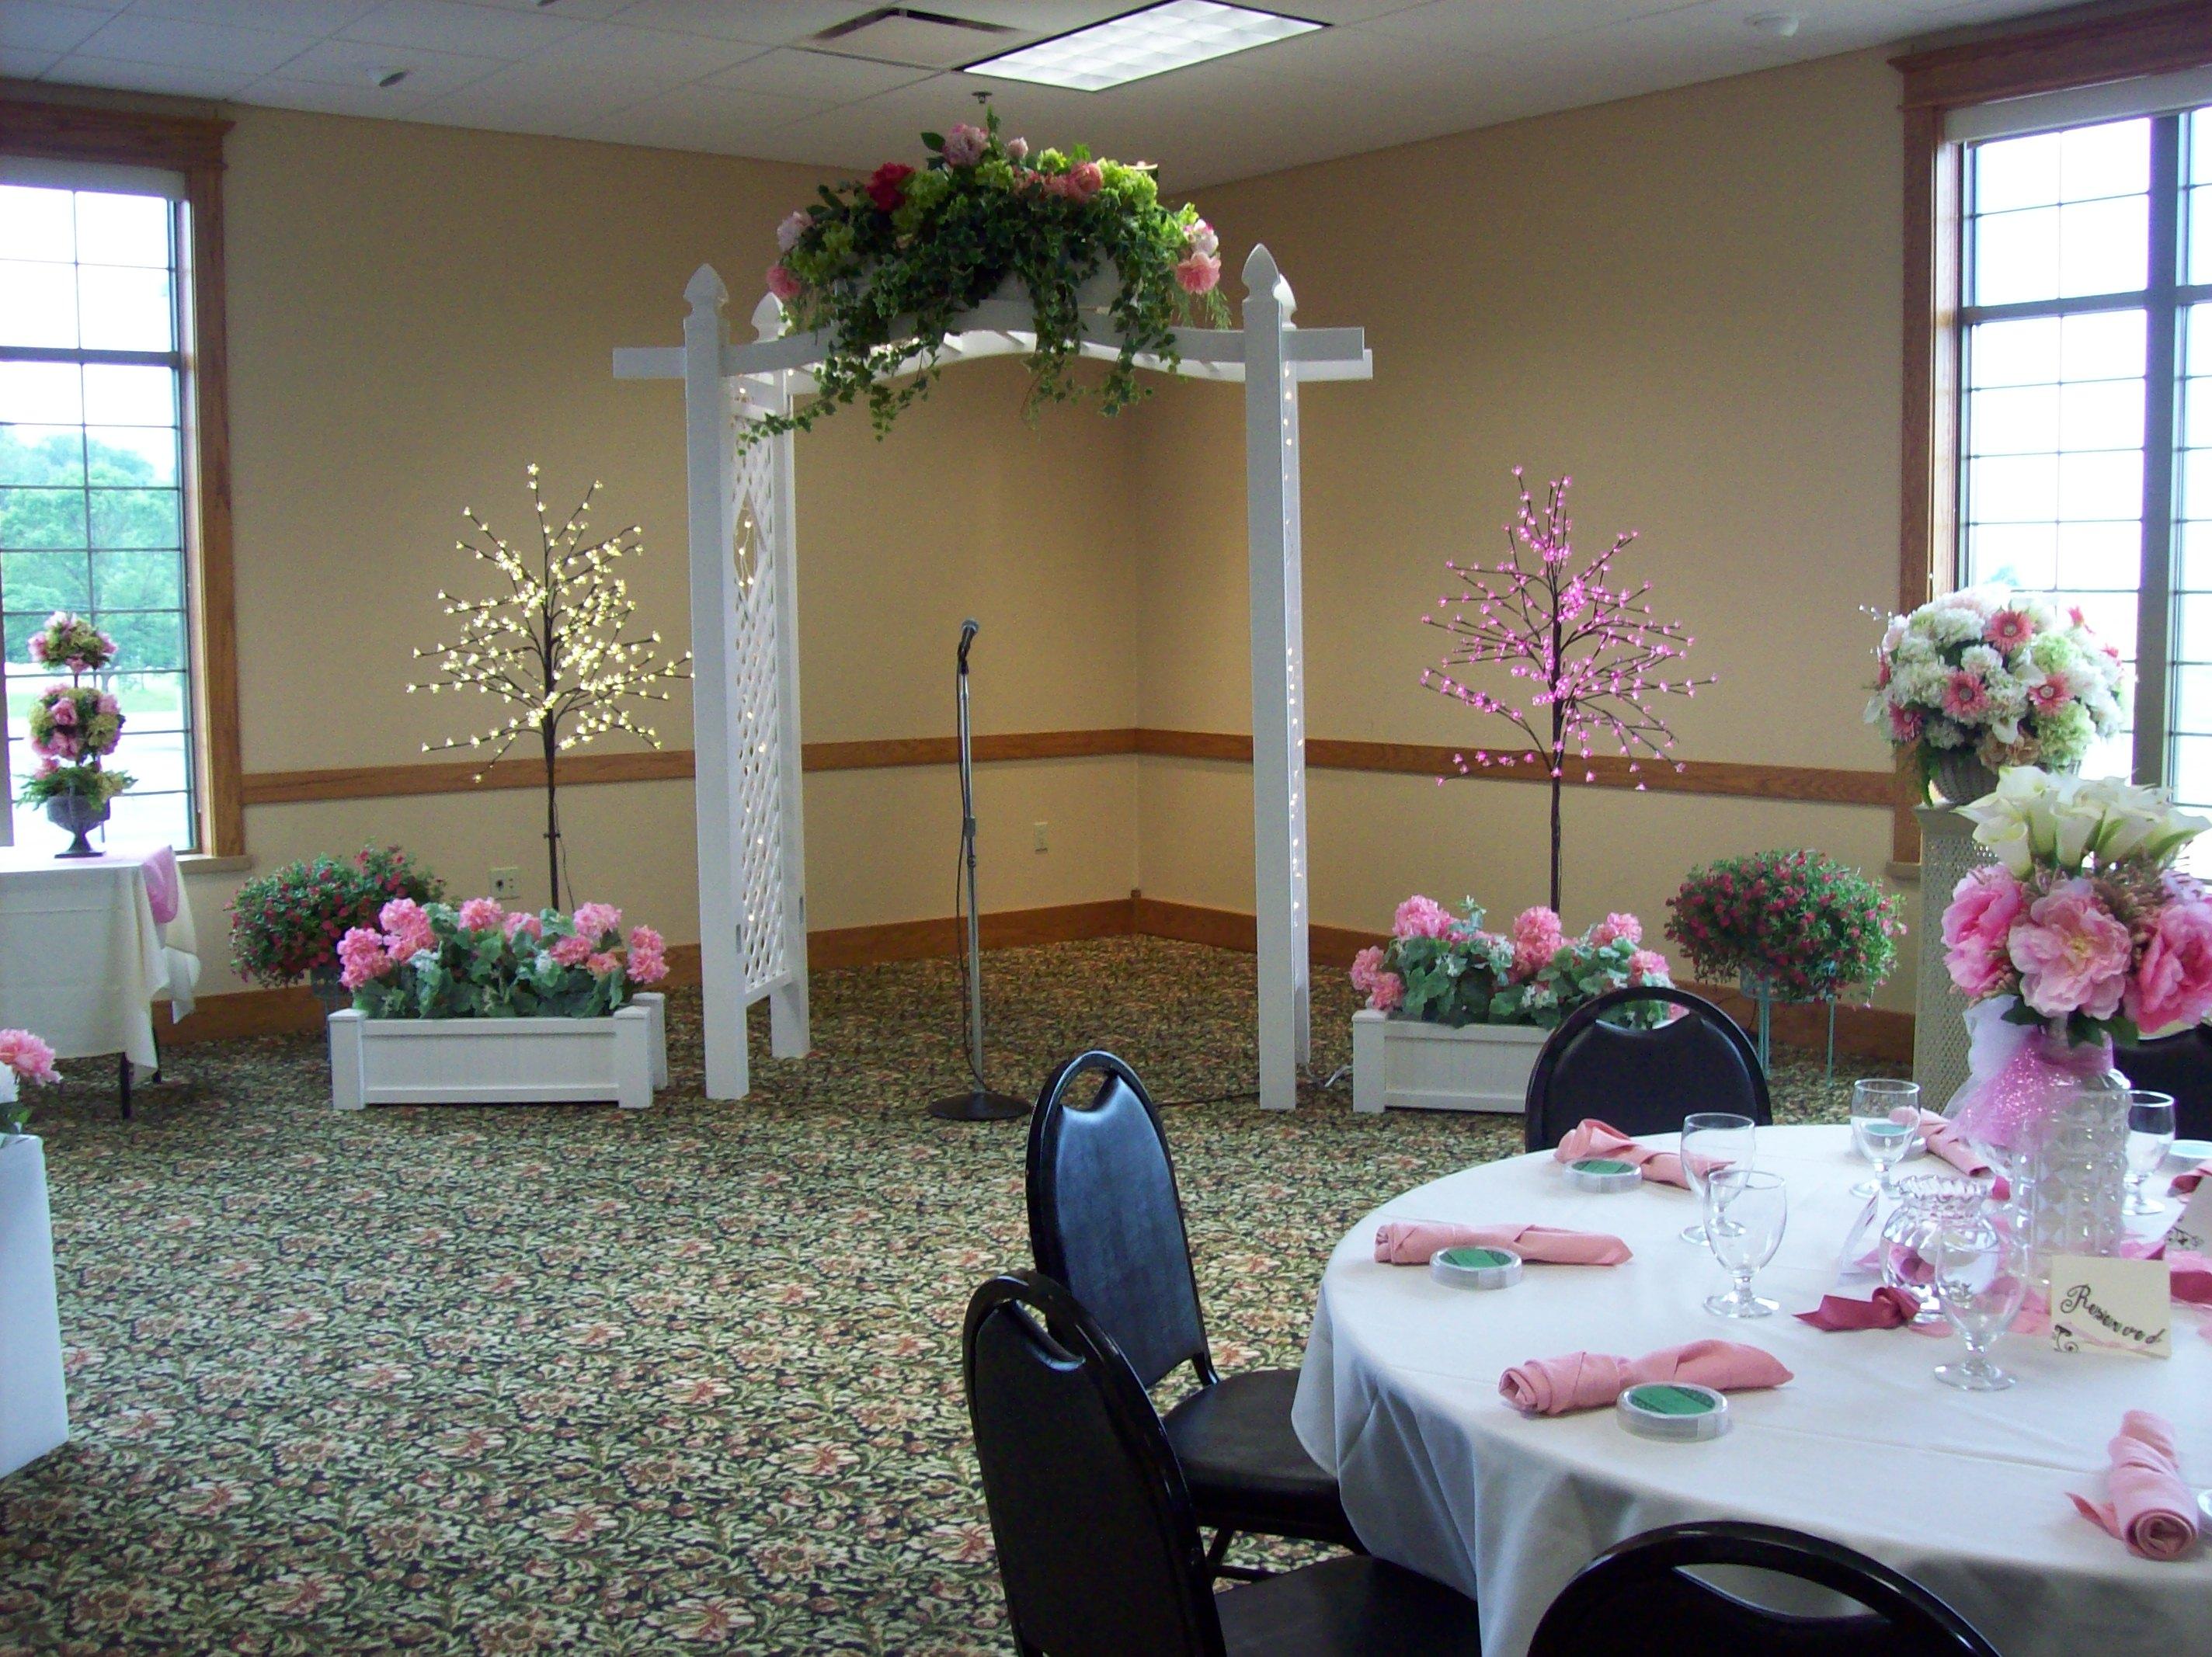 Fruechte Room - floral arbor